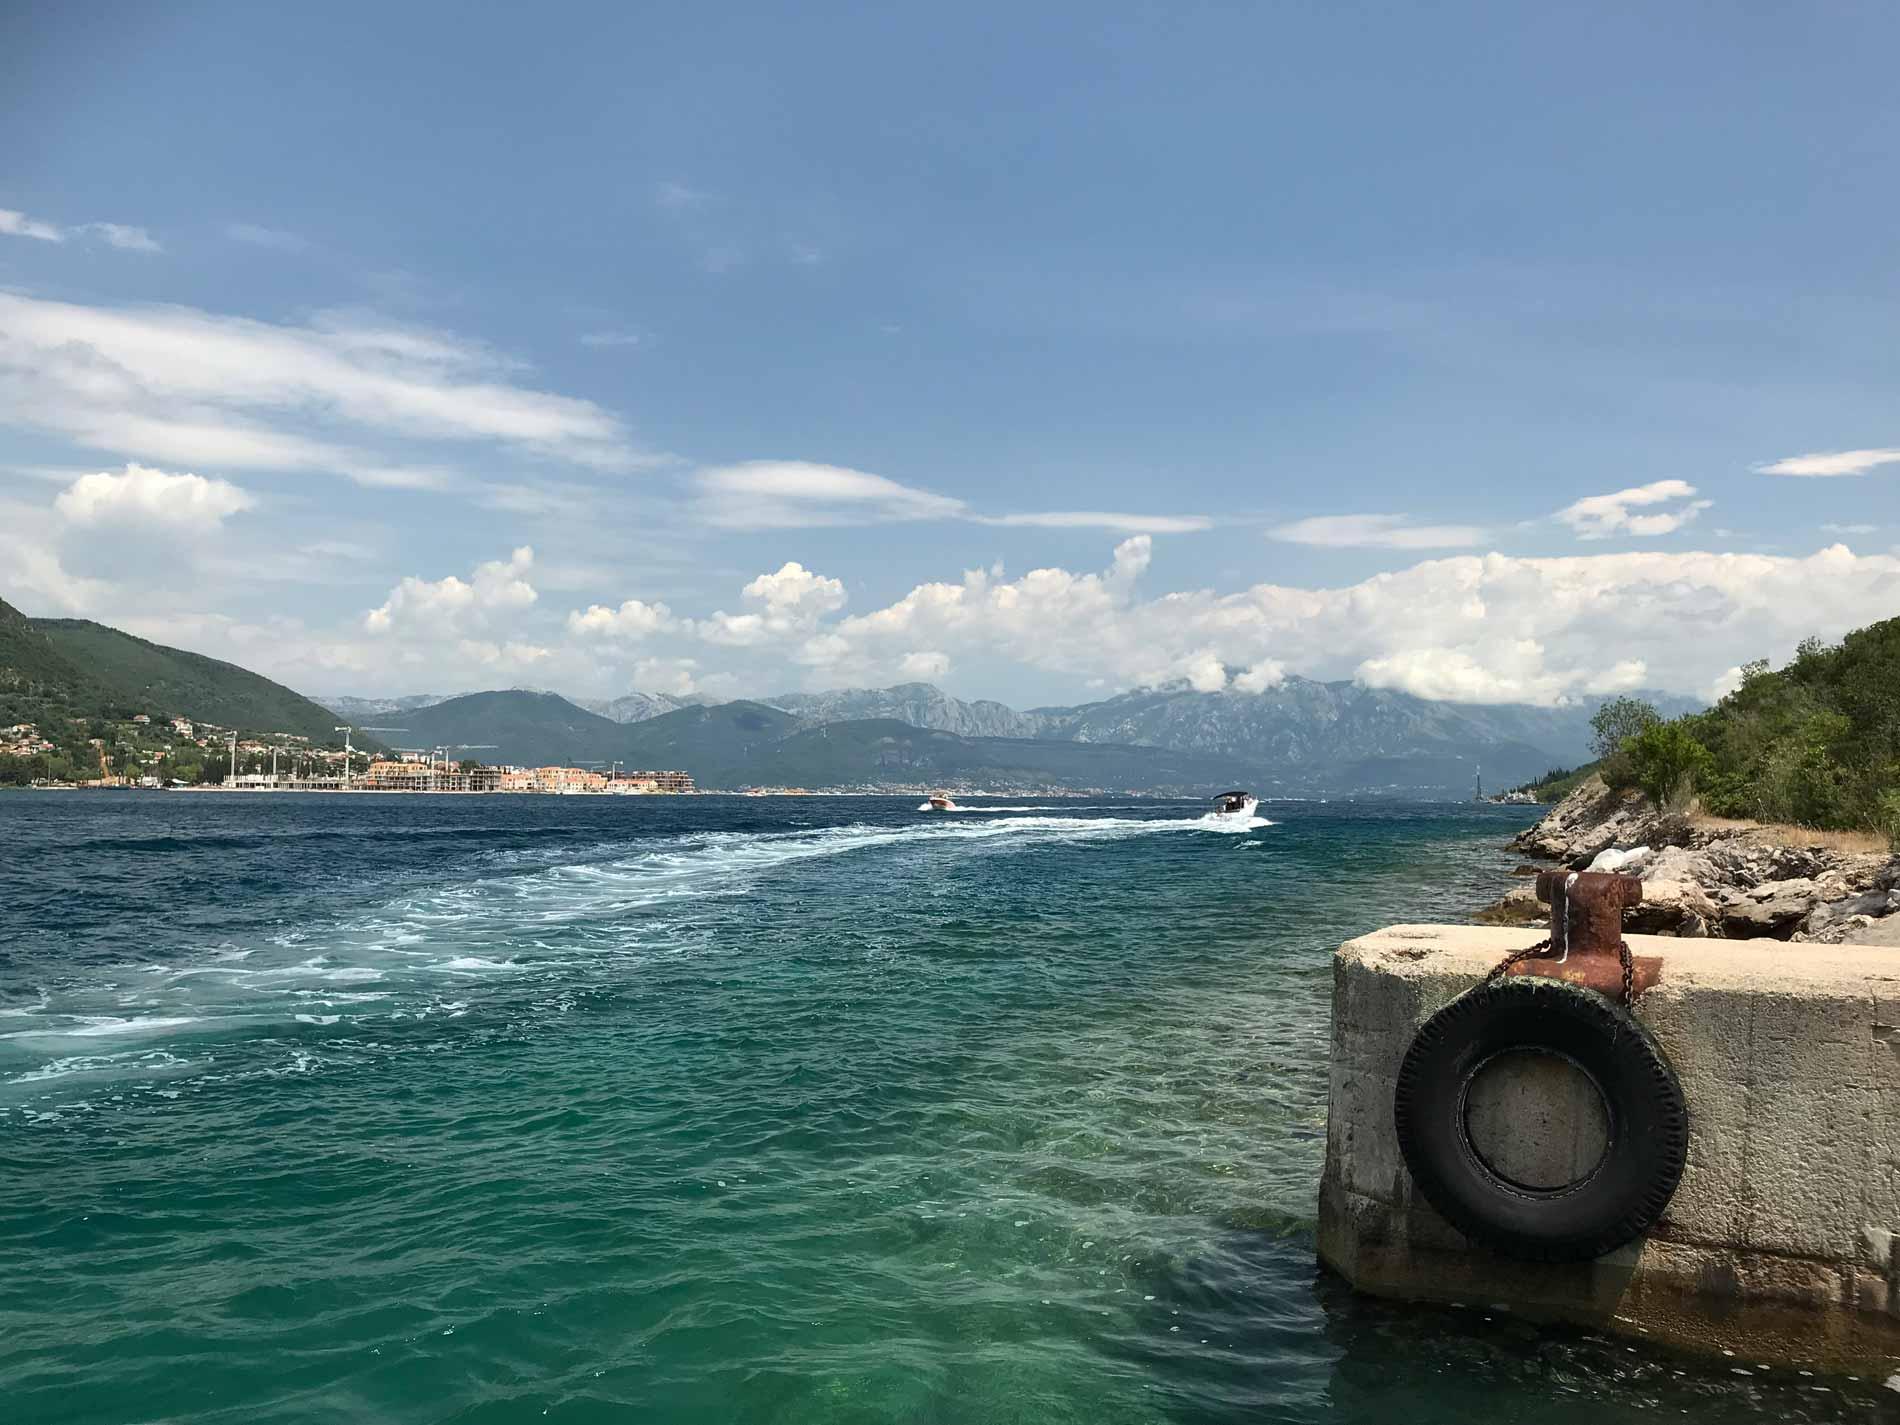 Bocche-di-Cattaro-Montenegro-nascondiglio-sottomarini-sovietici-nella-roccia-vista